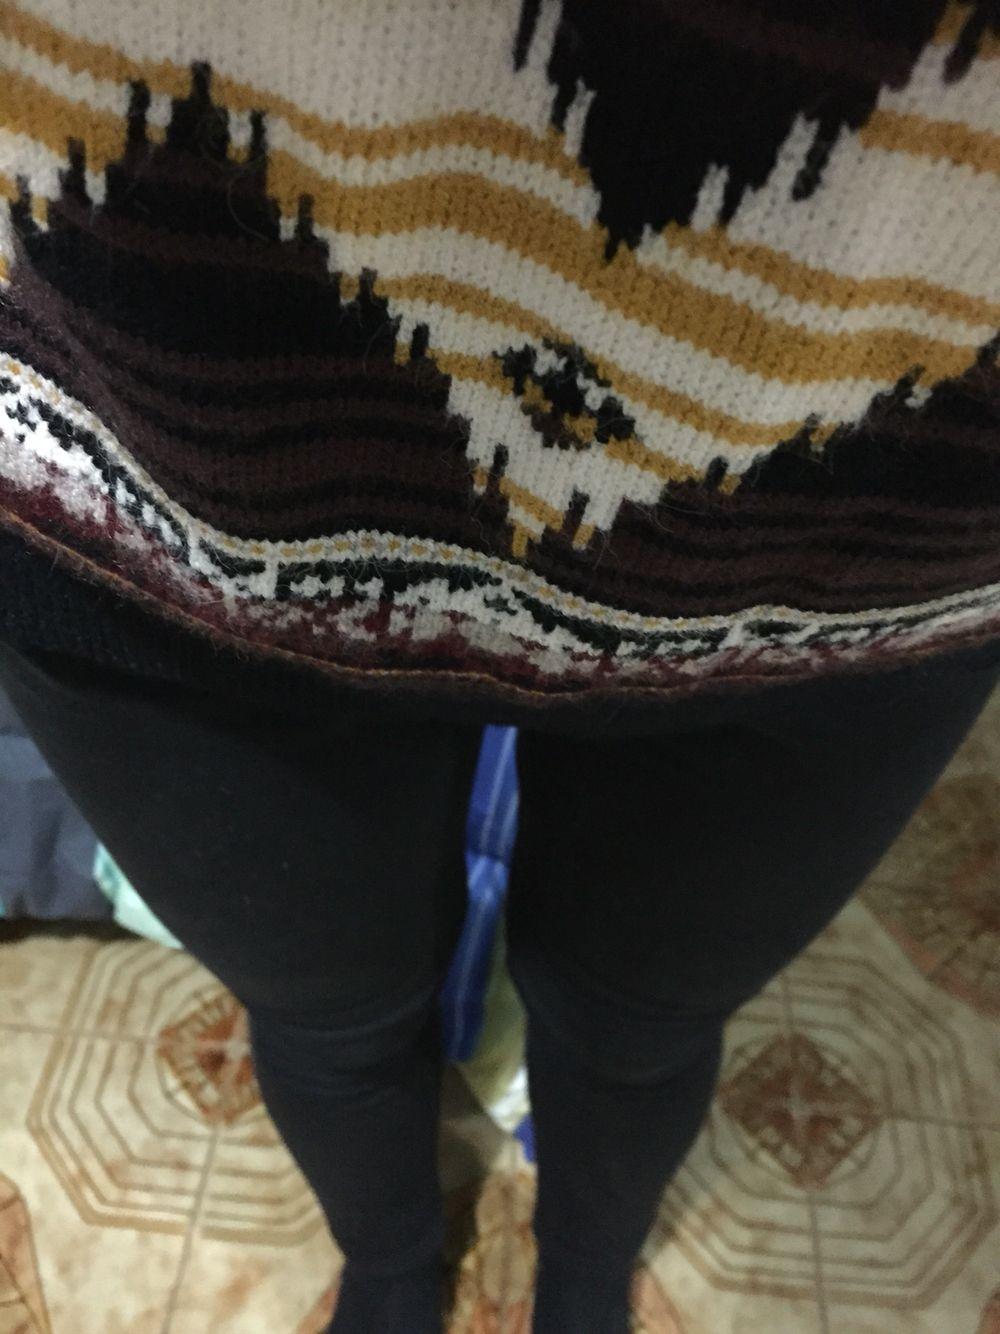 I maglioni larghi mi piacciono.Mi proteggono da freddo e solitario inverno.❄️  #maglioni #stile #nonno #ma #io #li #amo #cold #snow #rain #beautiful #sweaters #and #black #jeans